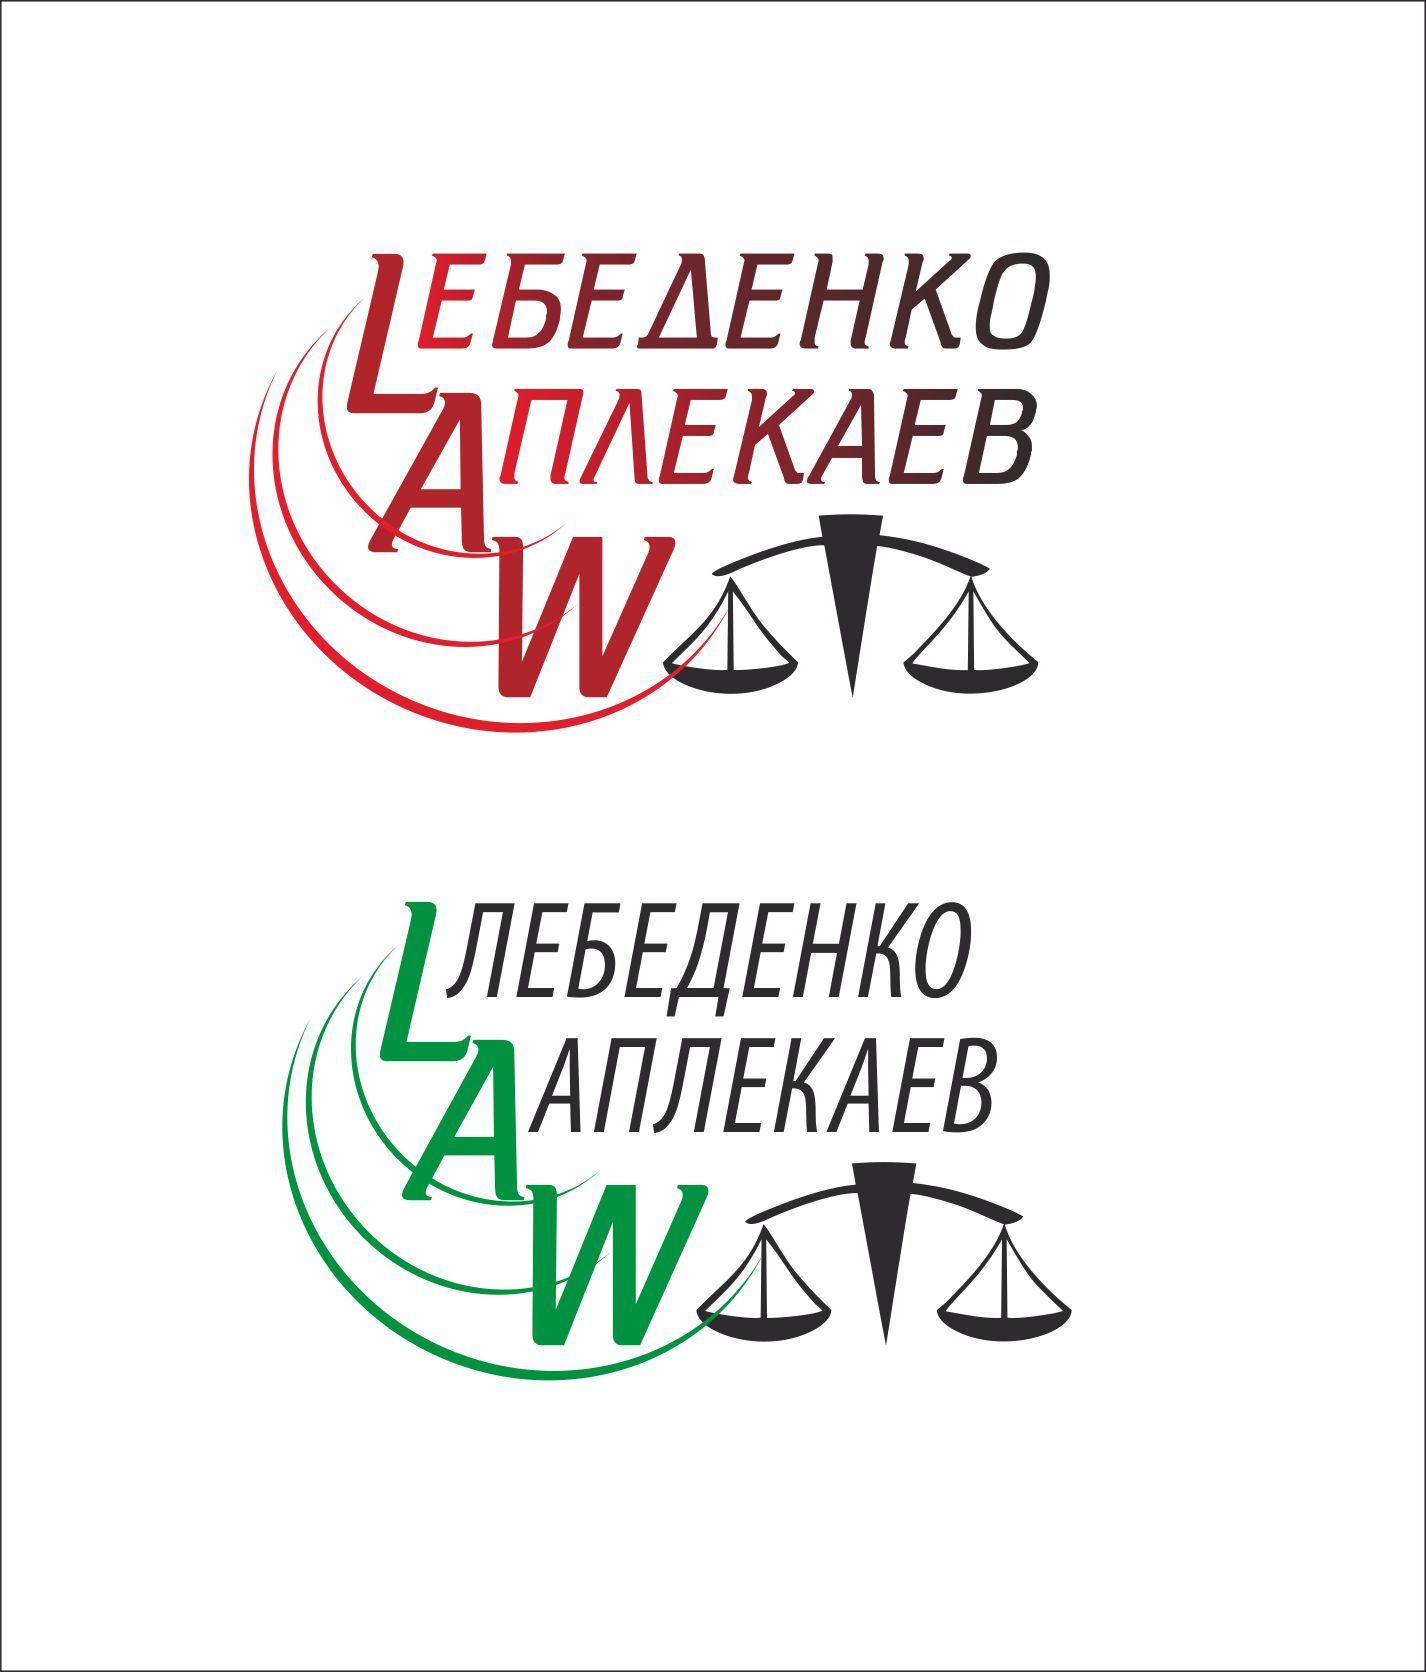 Логотип для юридической компании - дизайнер polehin83